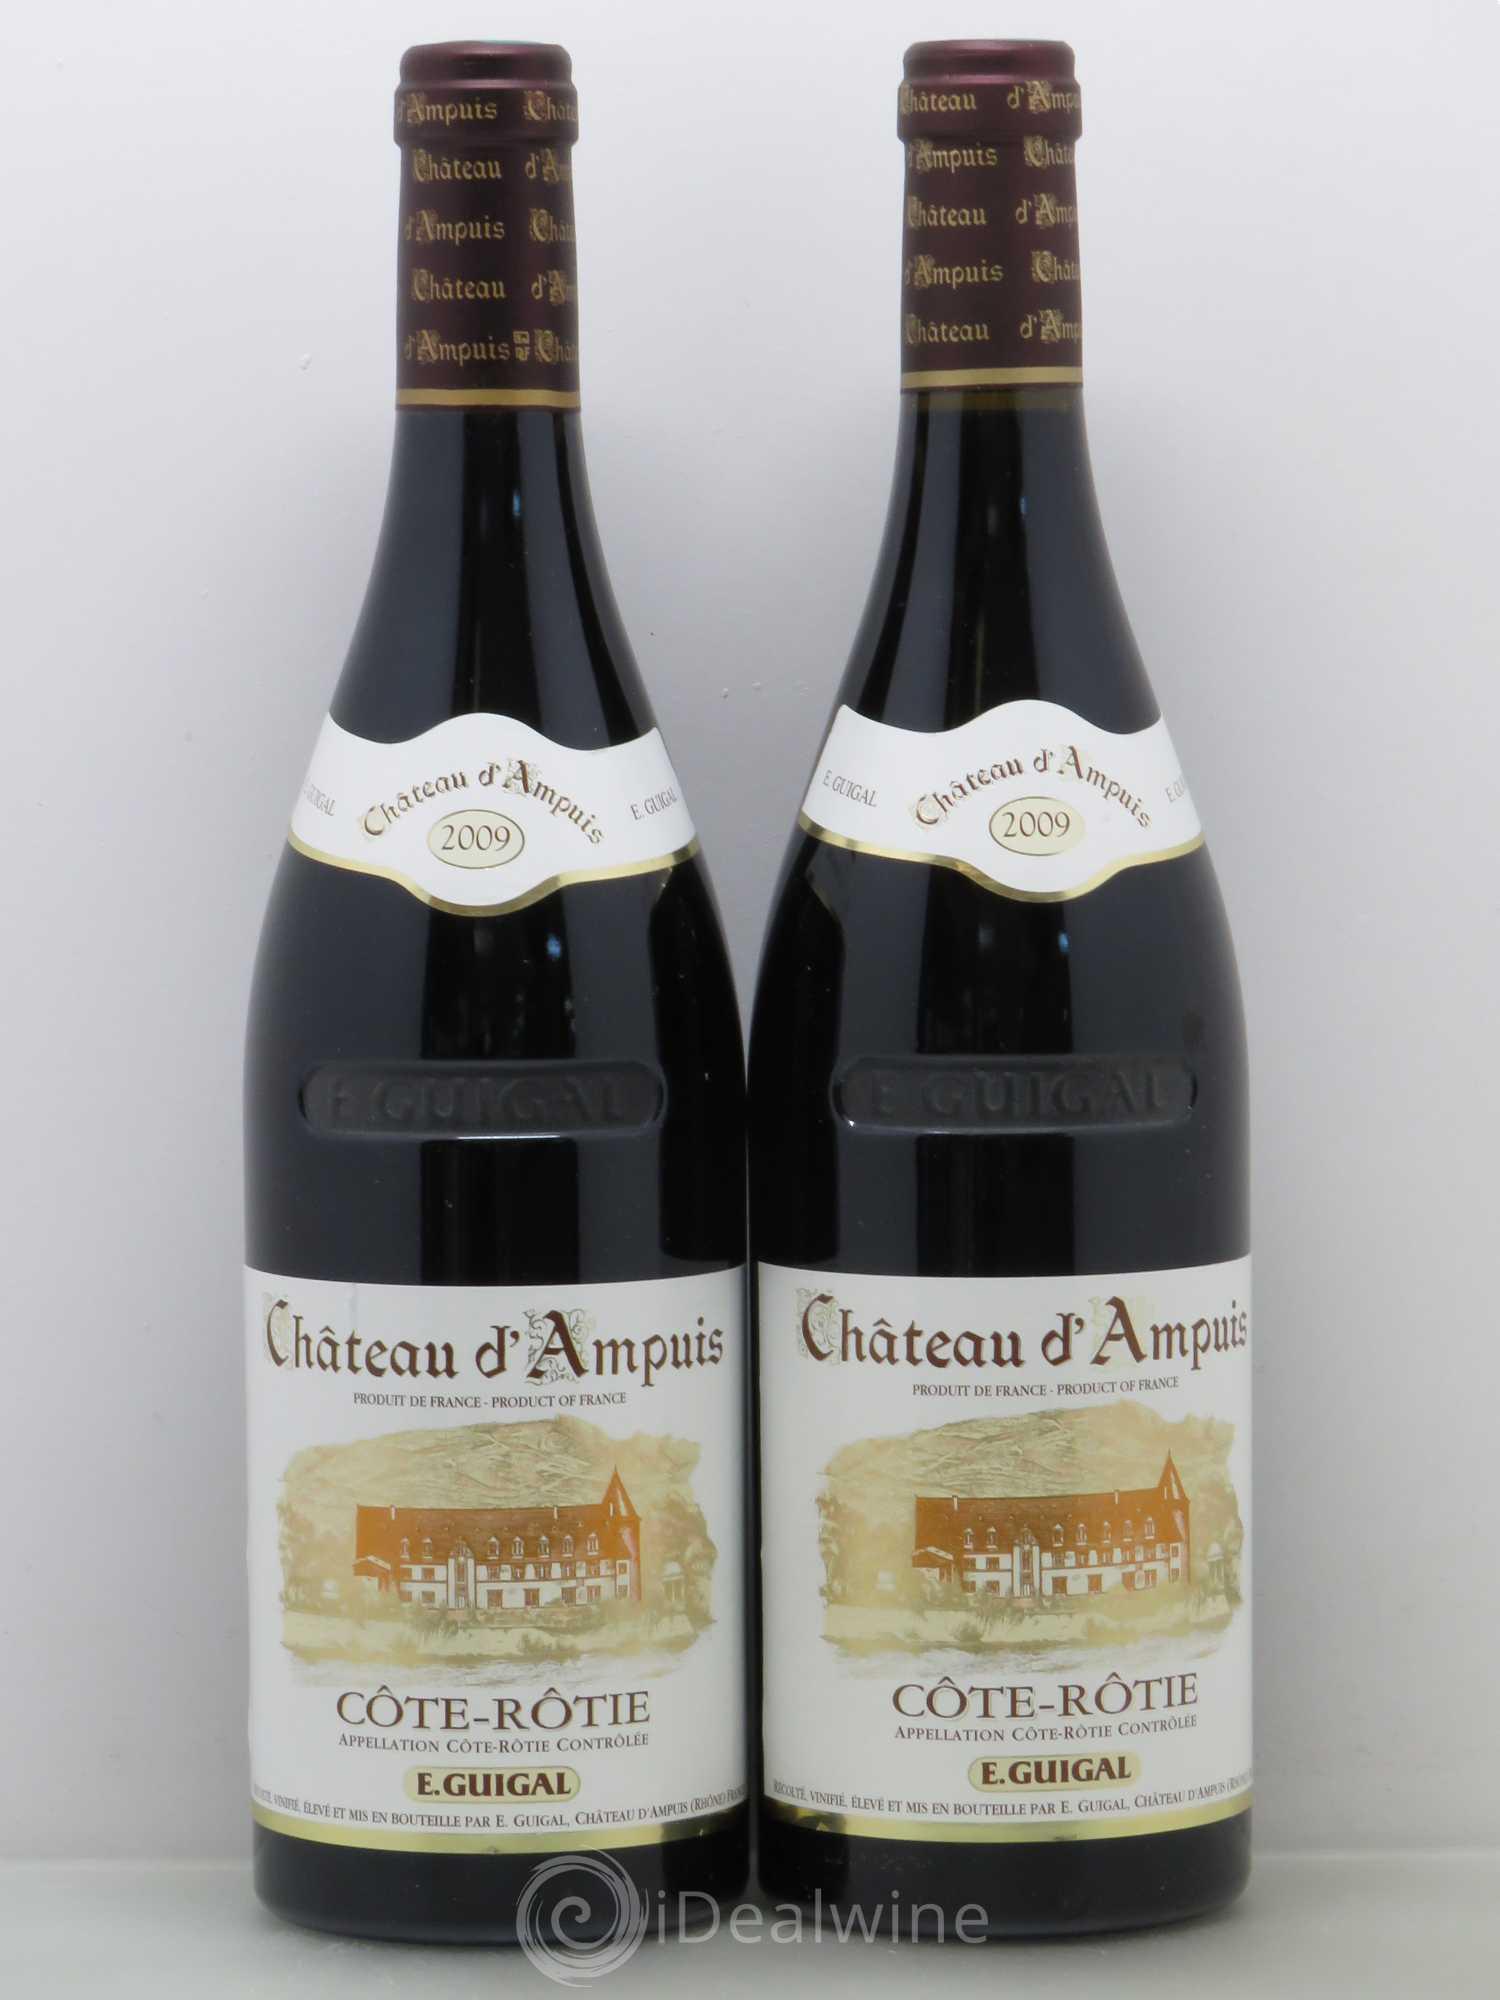 Acheter c te r tie ch teau d 39 ampuis guigal 2009 lot 9029 - Salon des vins ampuis ...